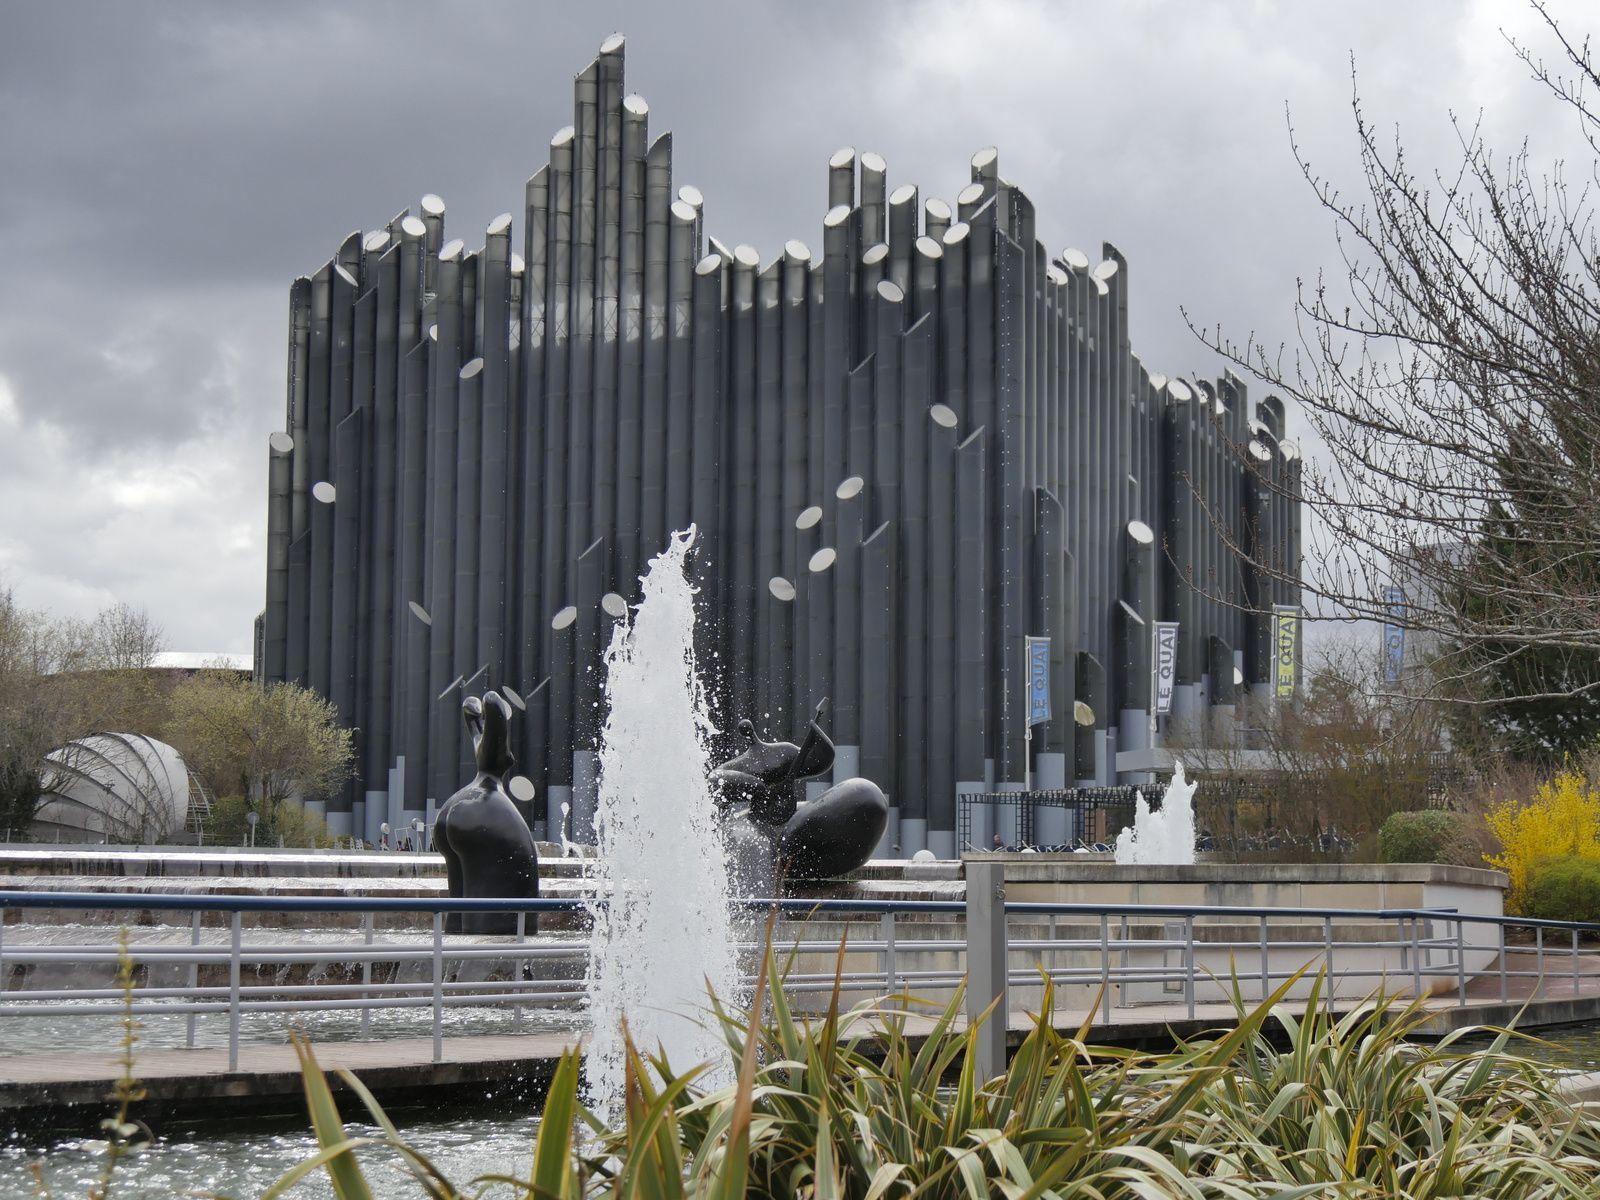 Pour sa 31e saison, le parc du Futuroscope de Poitiers propose toujours plus de sensations